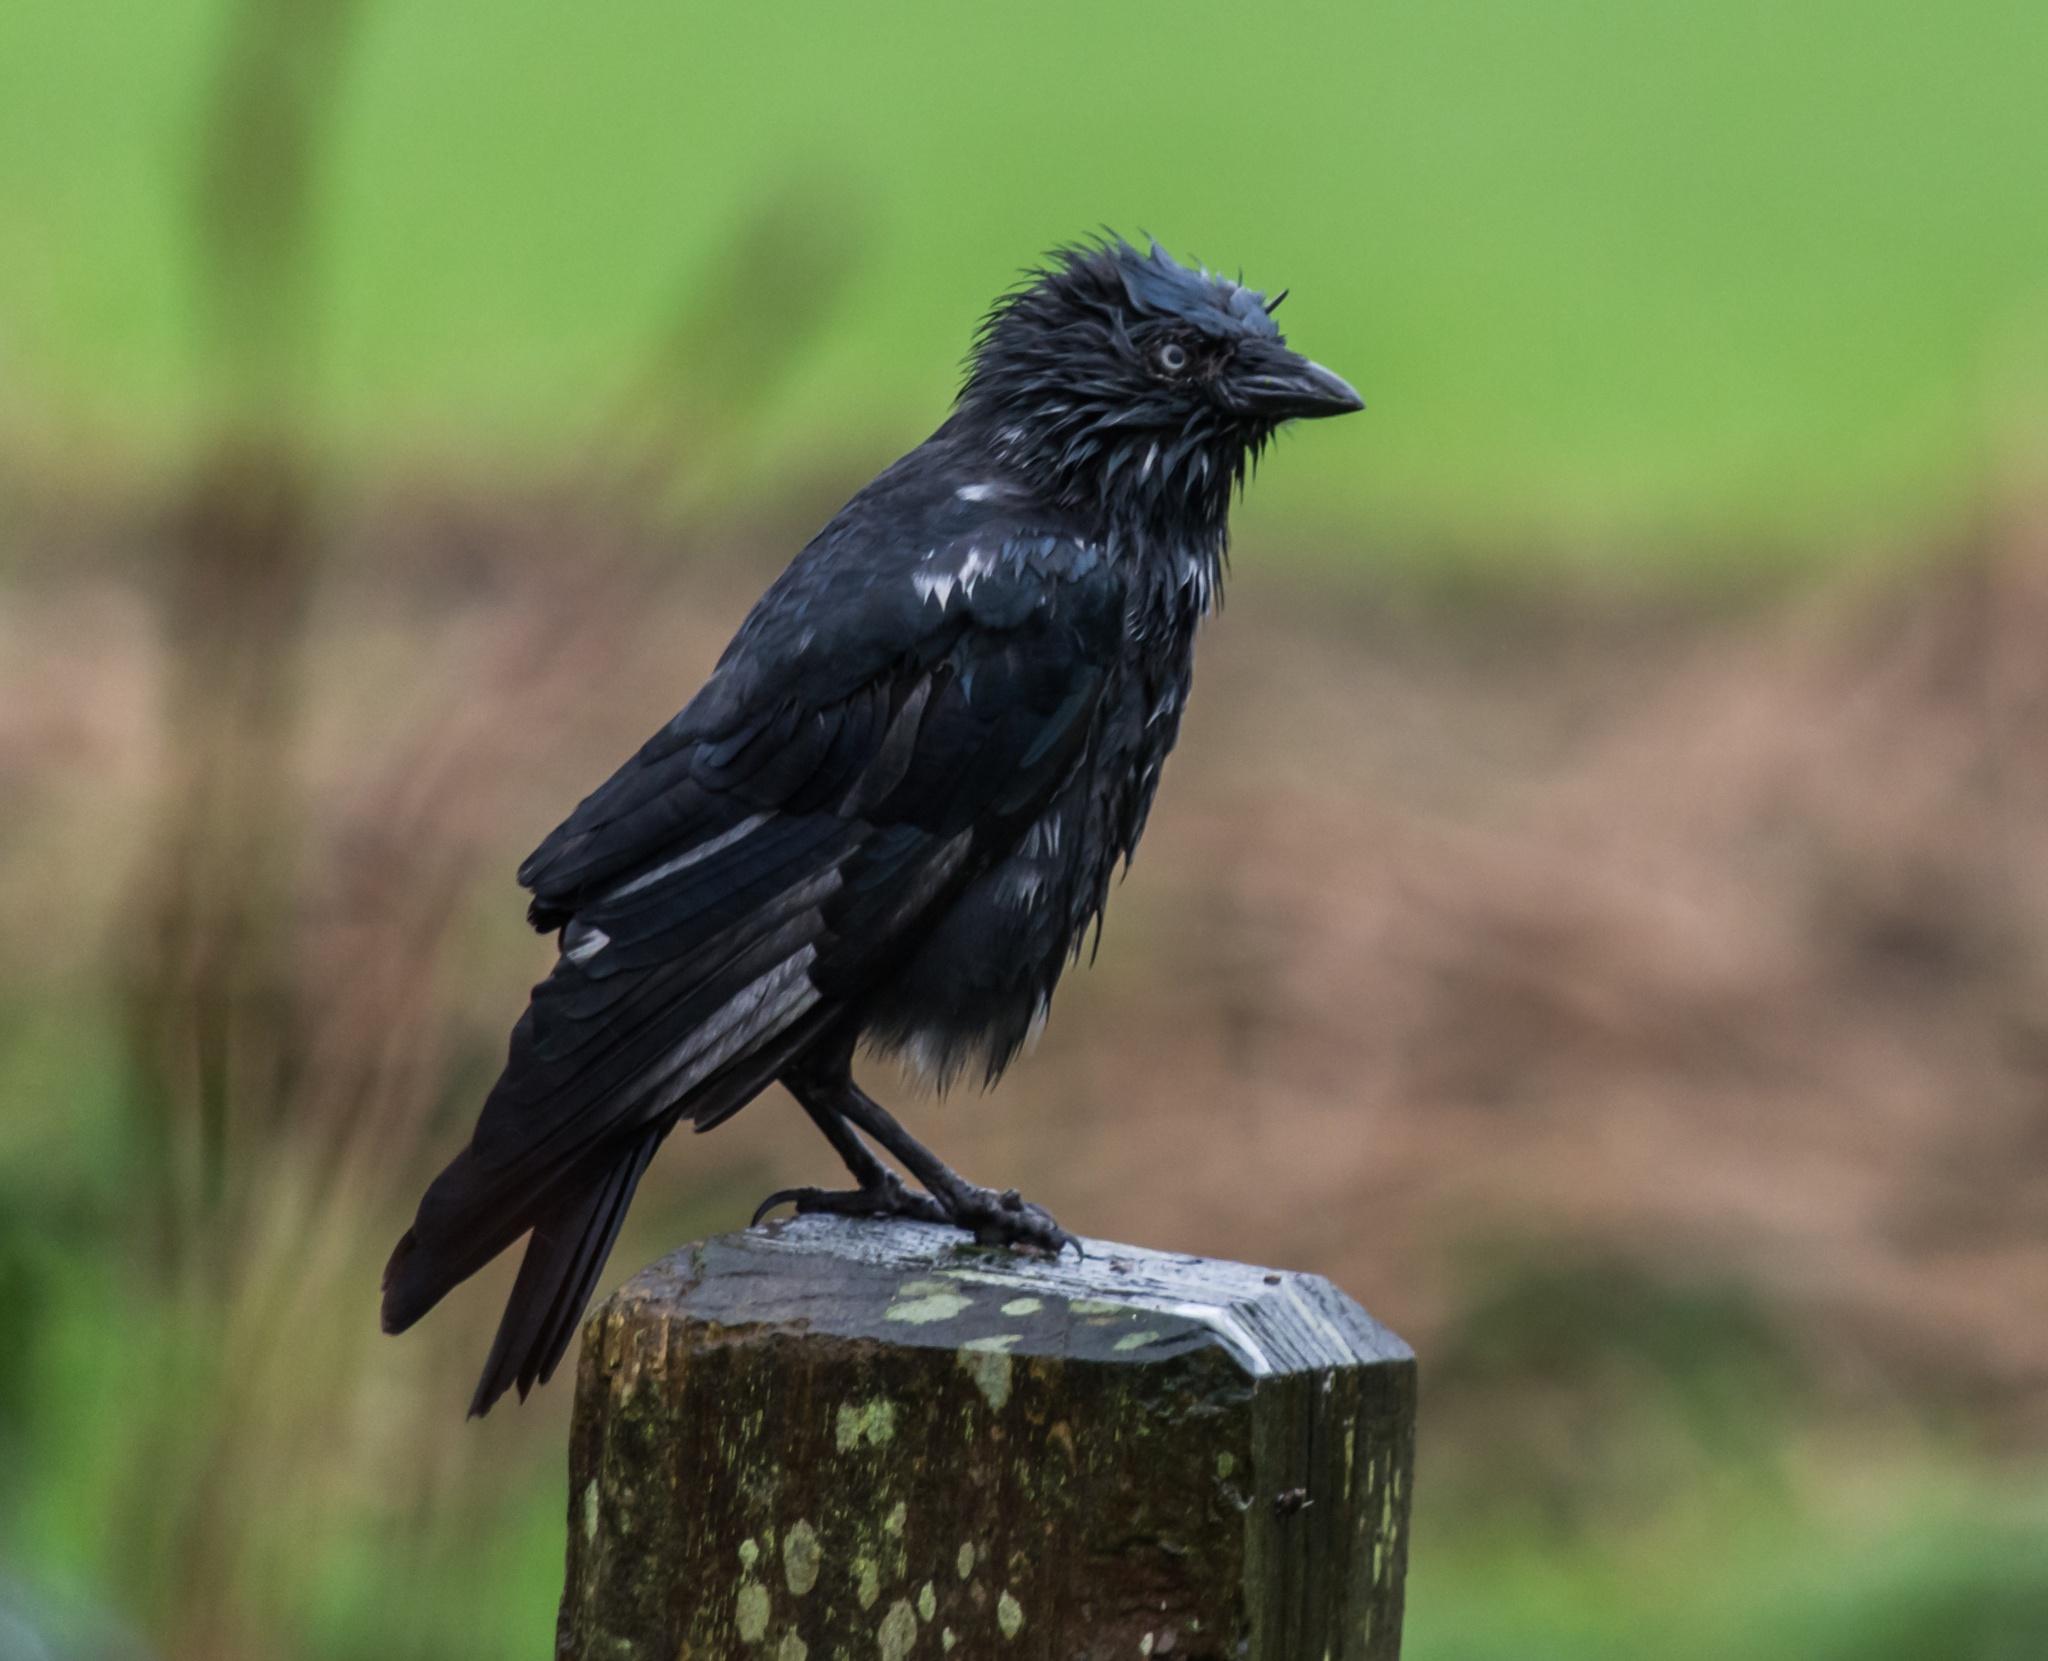 Wet Bird by gill.kennett.9